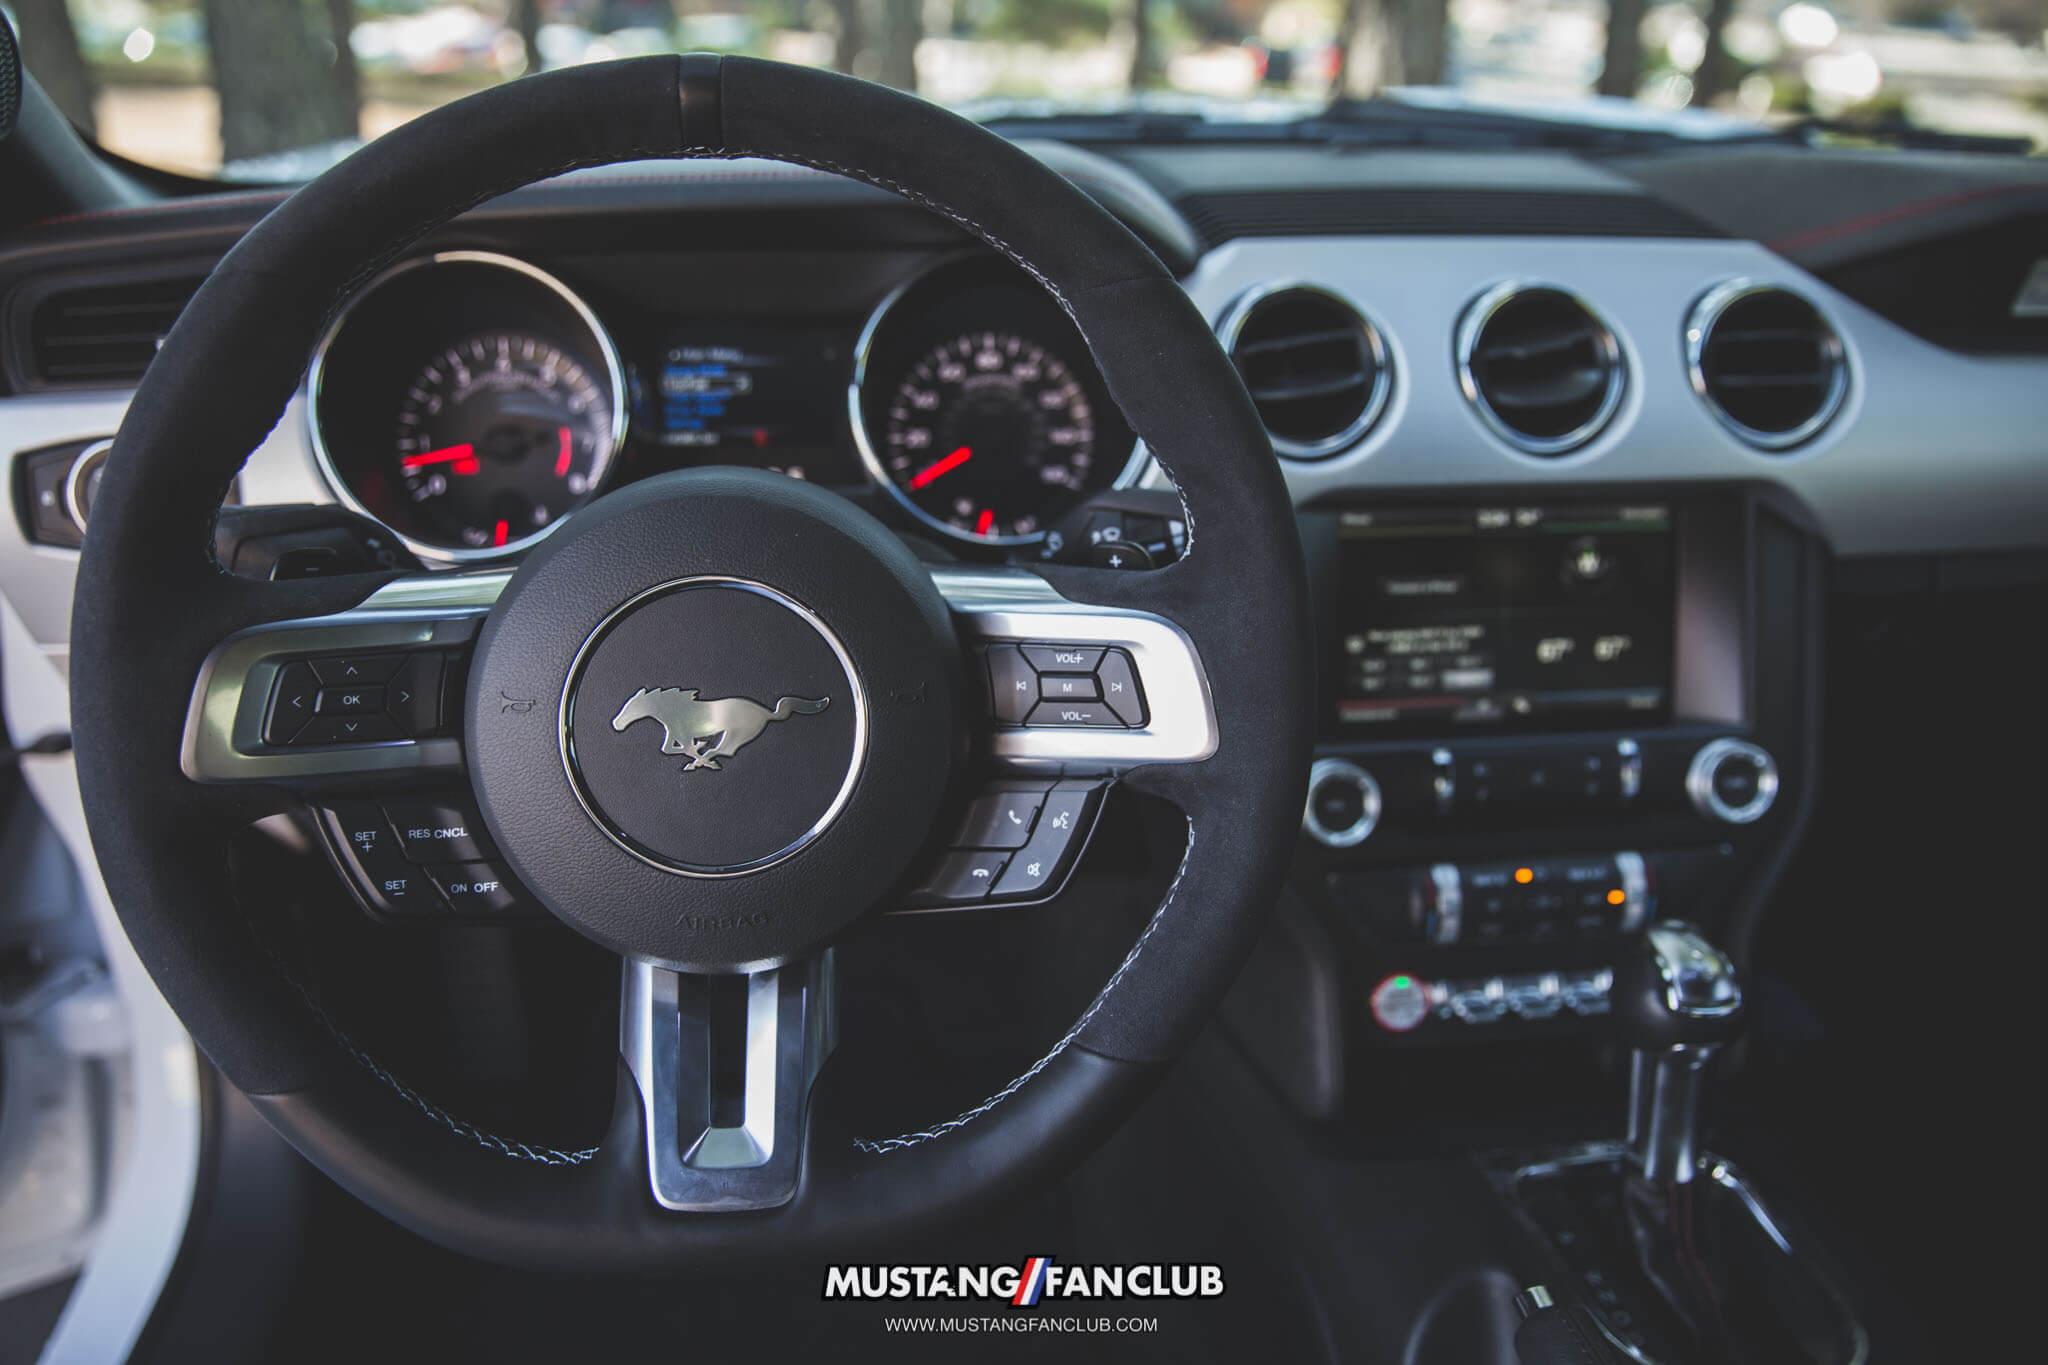 Shelby GT350 Steering Wheel S550 Mustang Fan Club